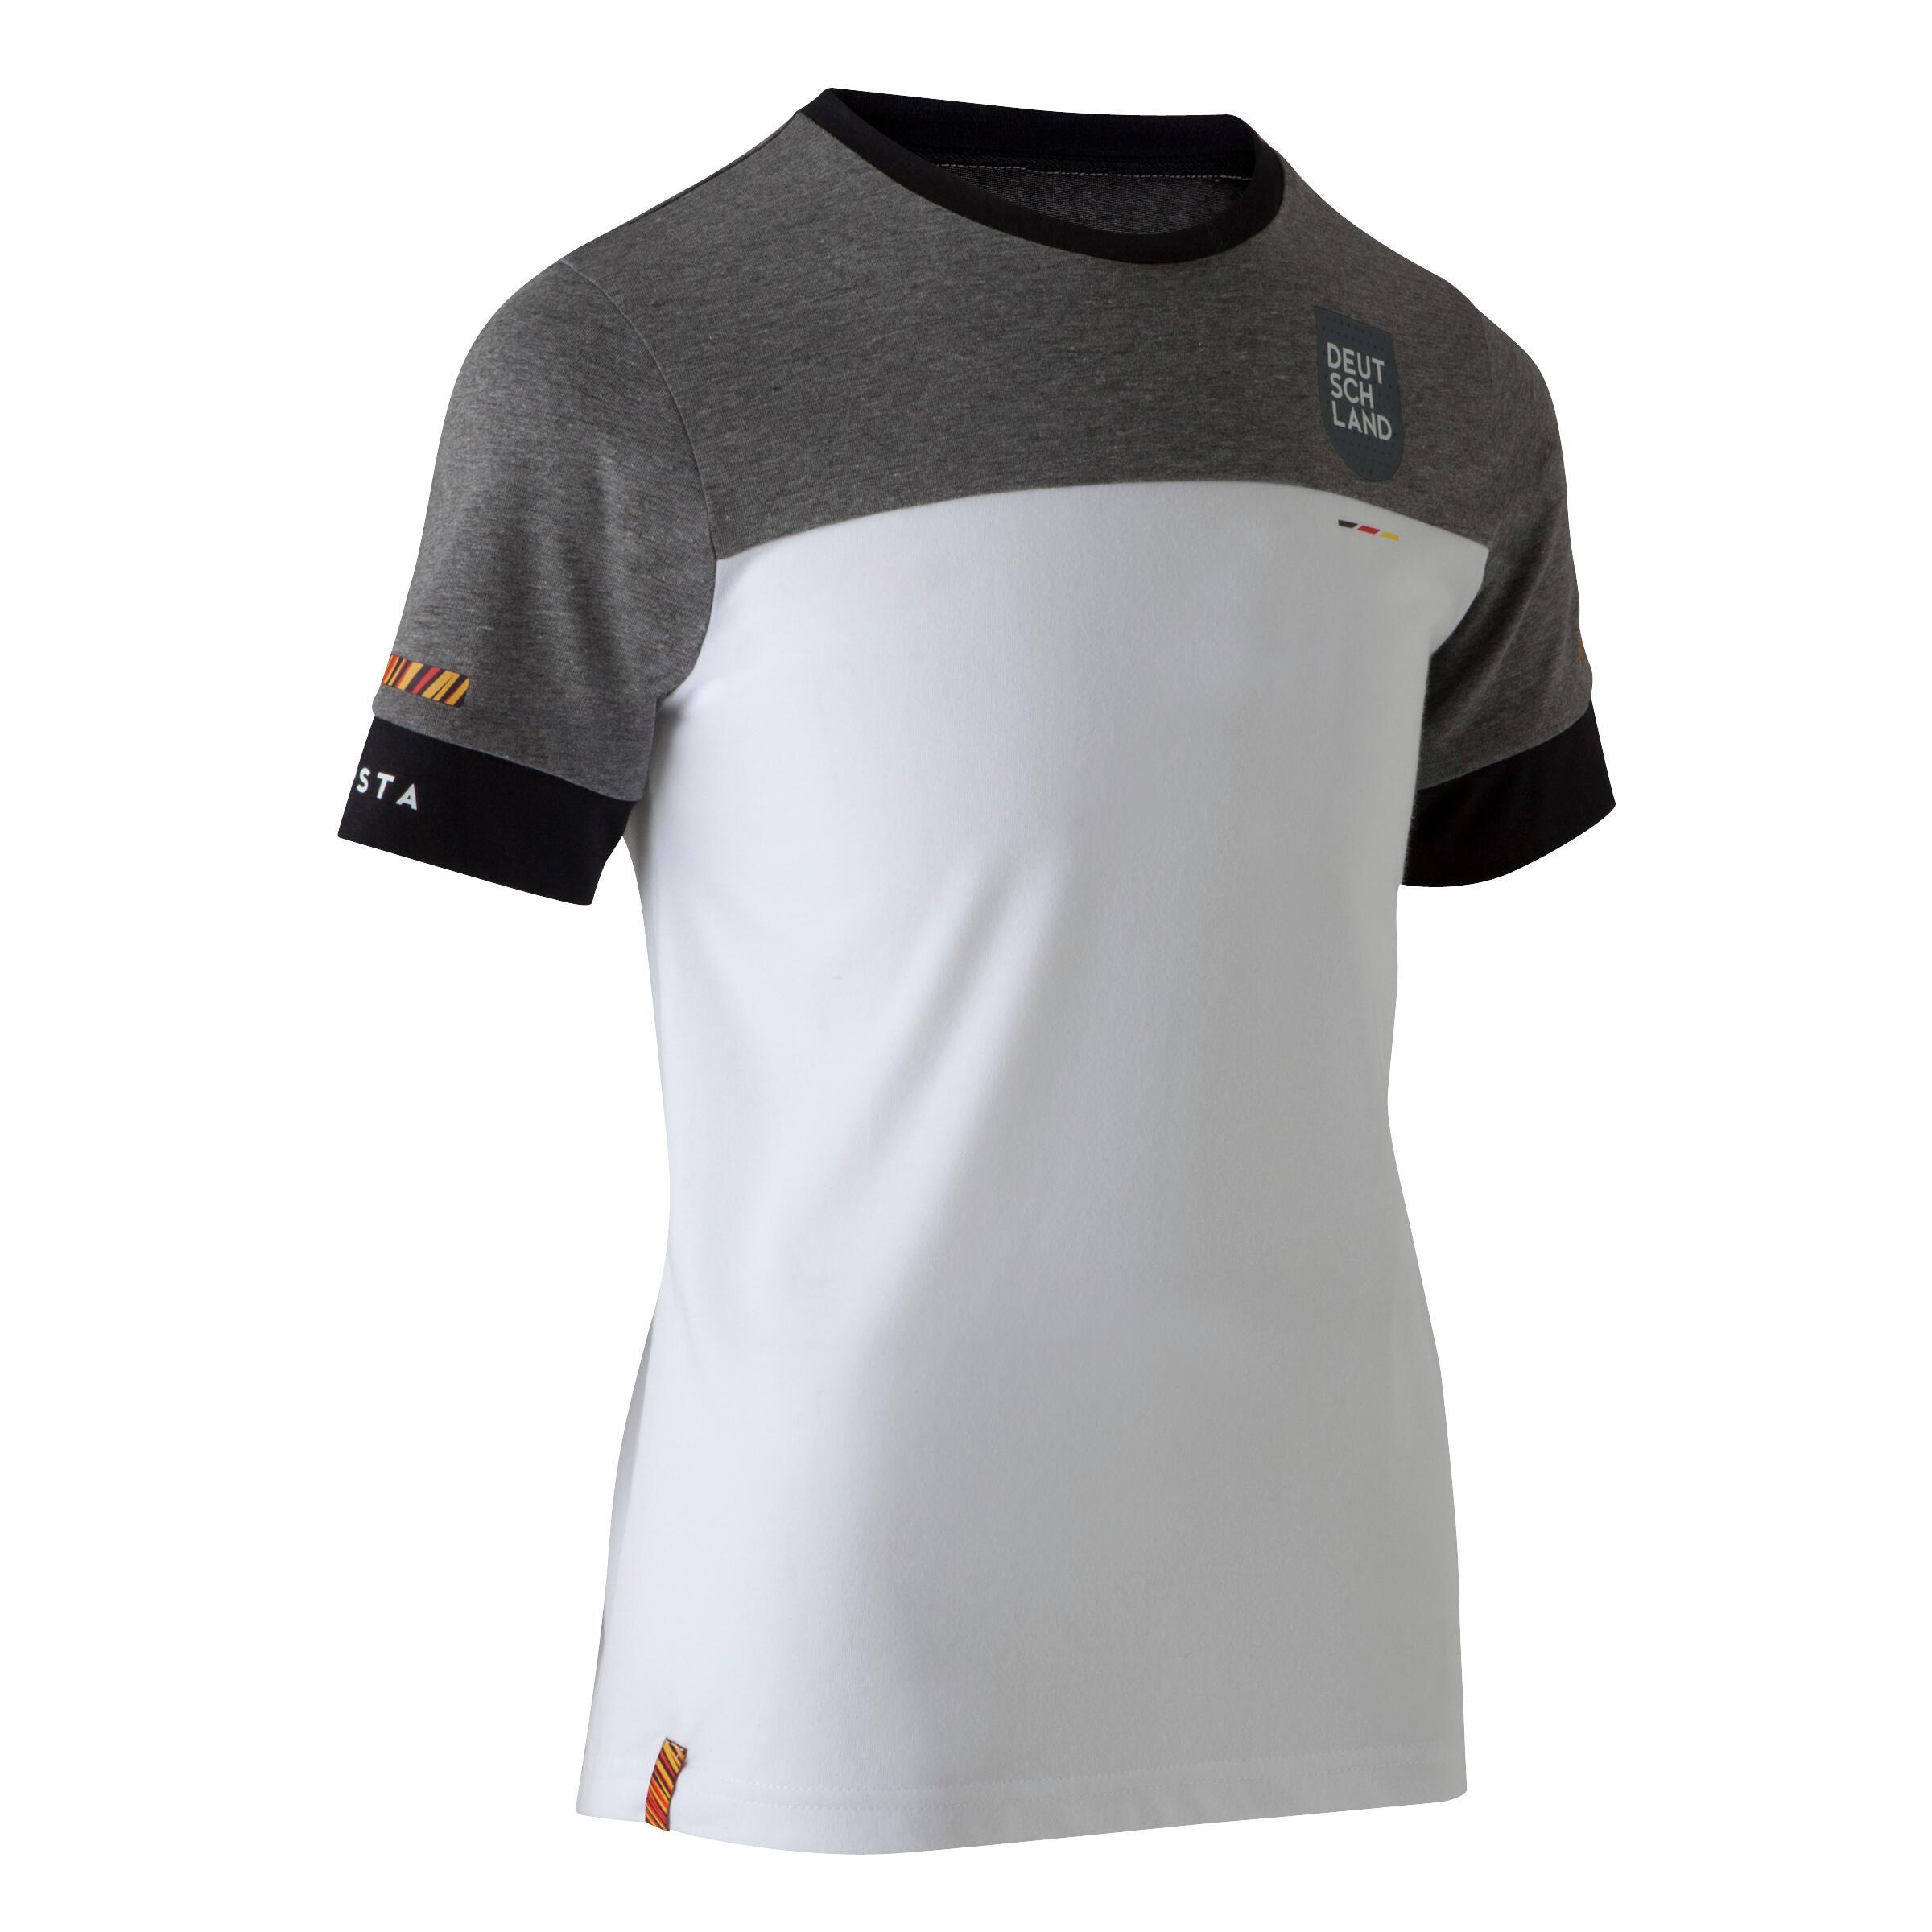 Kipsta Voetbalshirt Duitsland FF100 voor kinderen